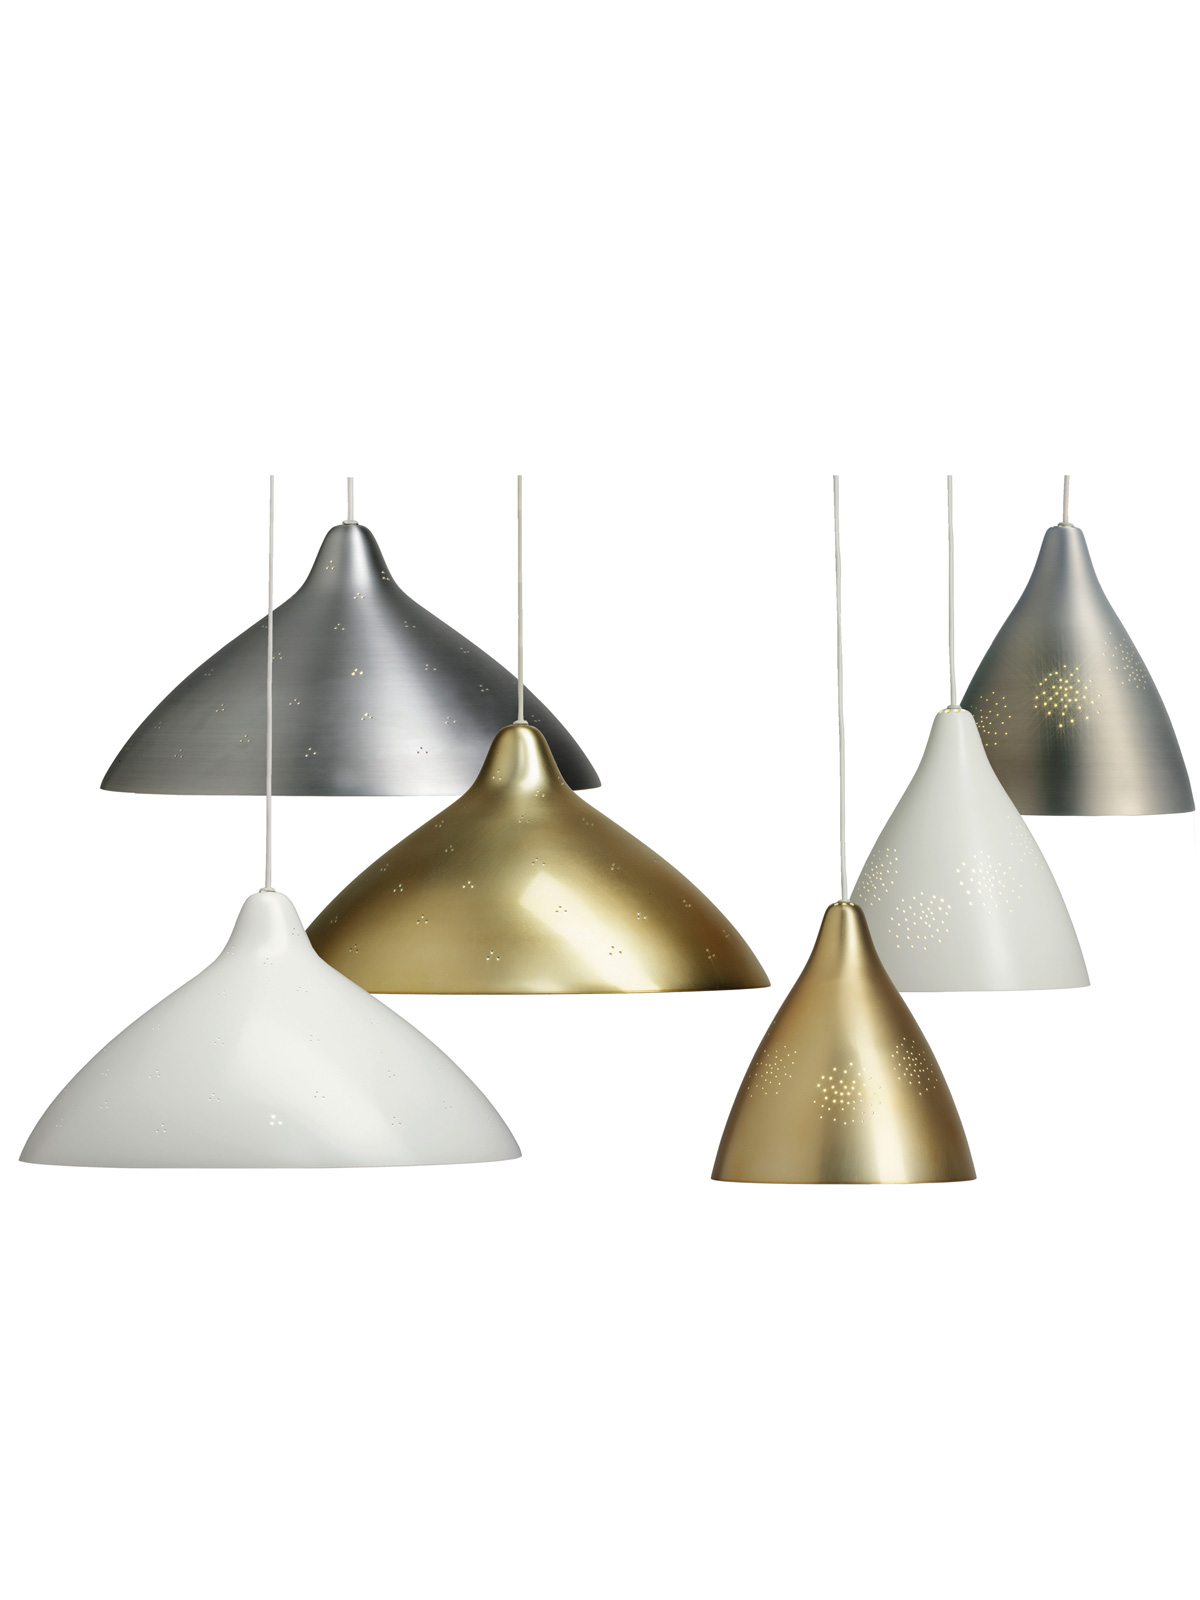 Orno Innolux Lampe Lisa finnischer Design Klassiker von Lisa Johansson-Pape